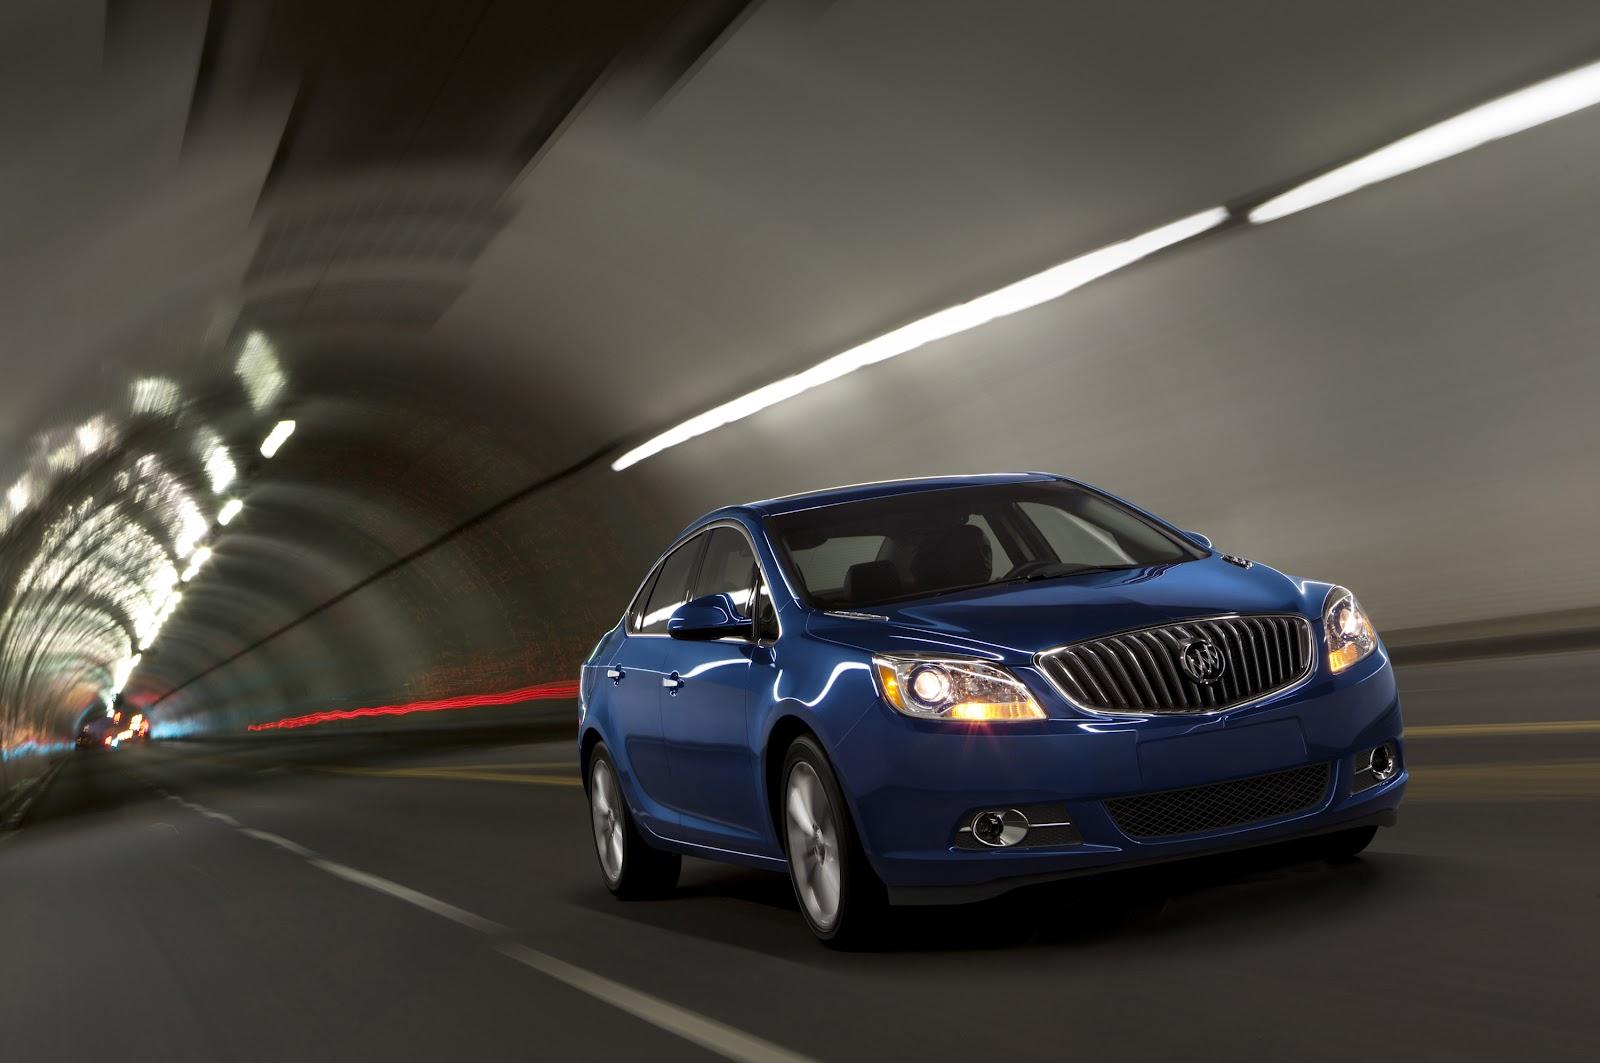 2010 - [Buick] Verano / Excelle - Page 3 2013+Buick+Verano+Turbo+2